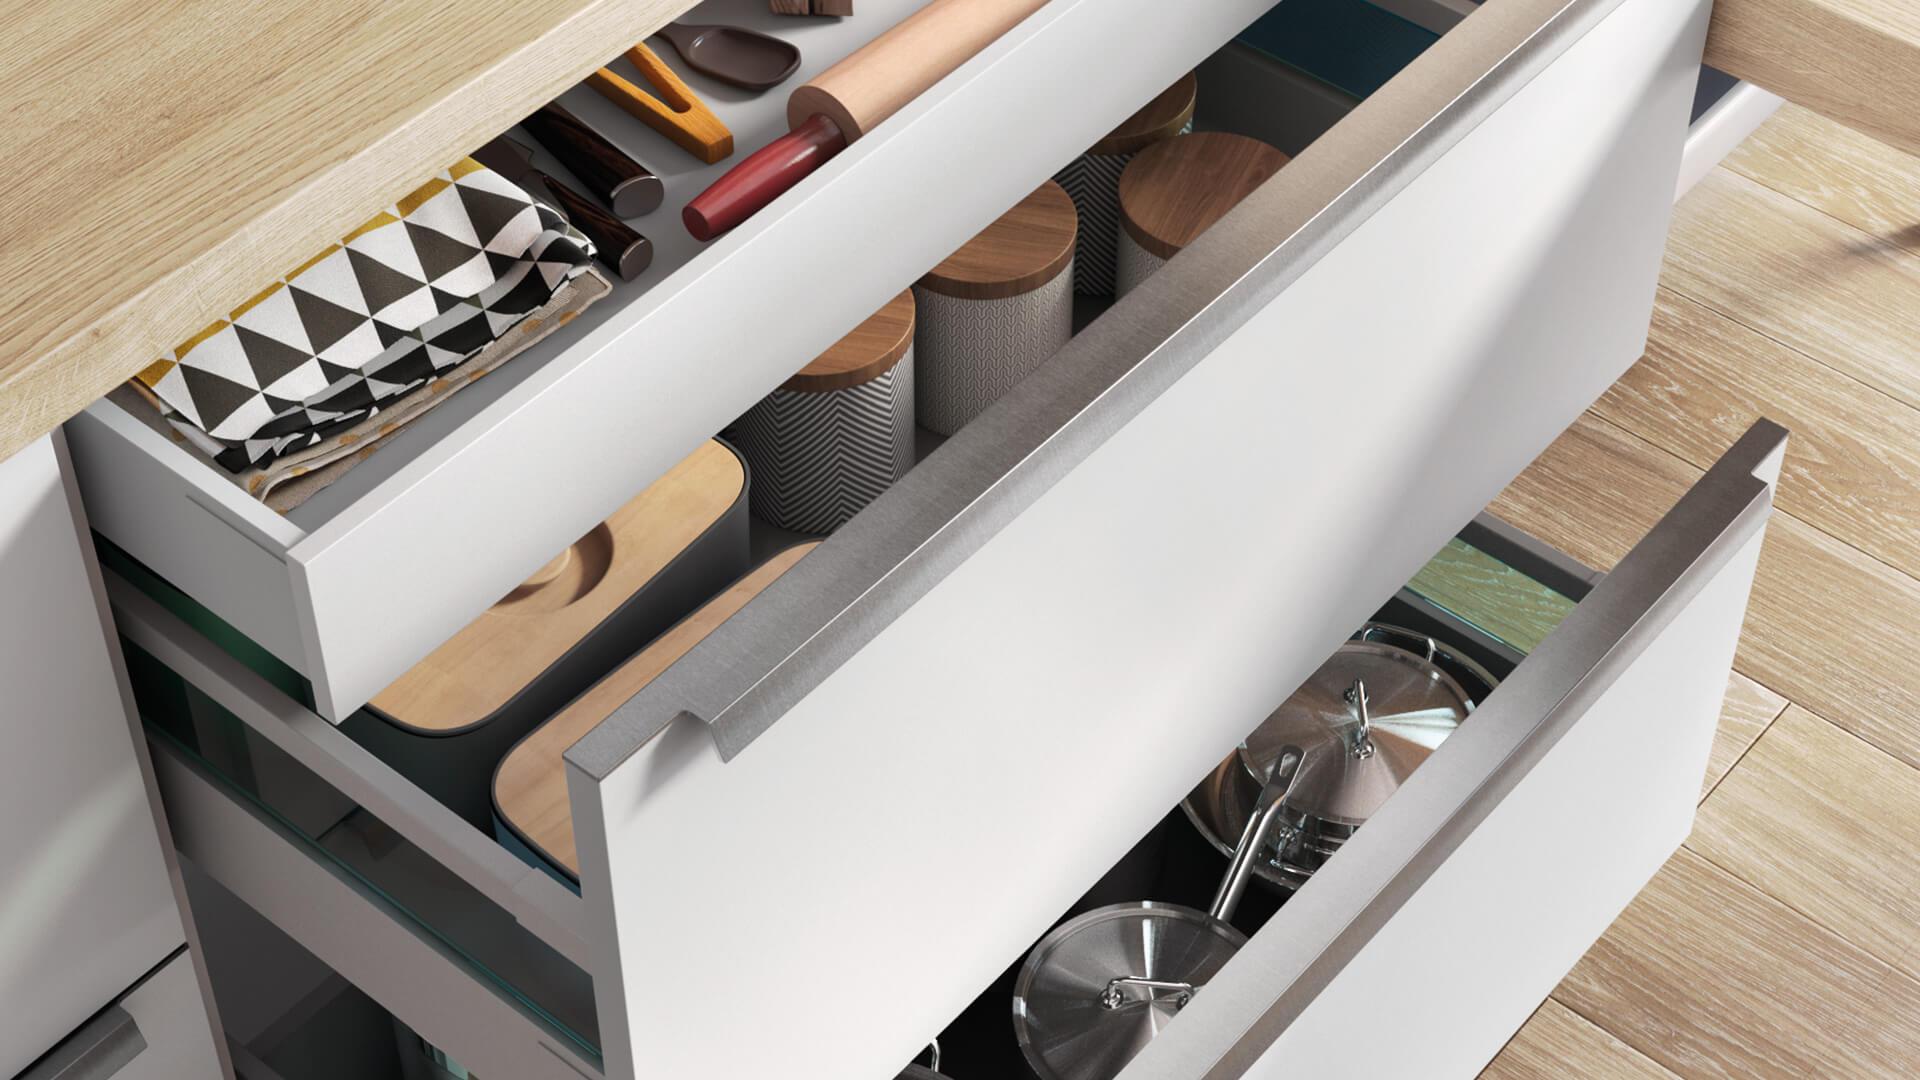 k chen hochwertige k chen von k chen ruberg aus leer. Black Bedroom Furniture Sets. Home Design Ideas